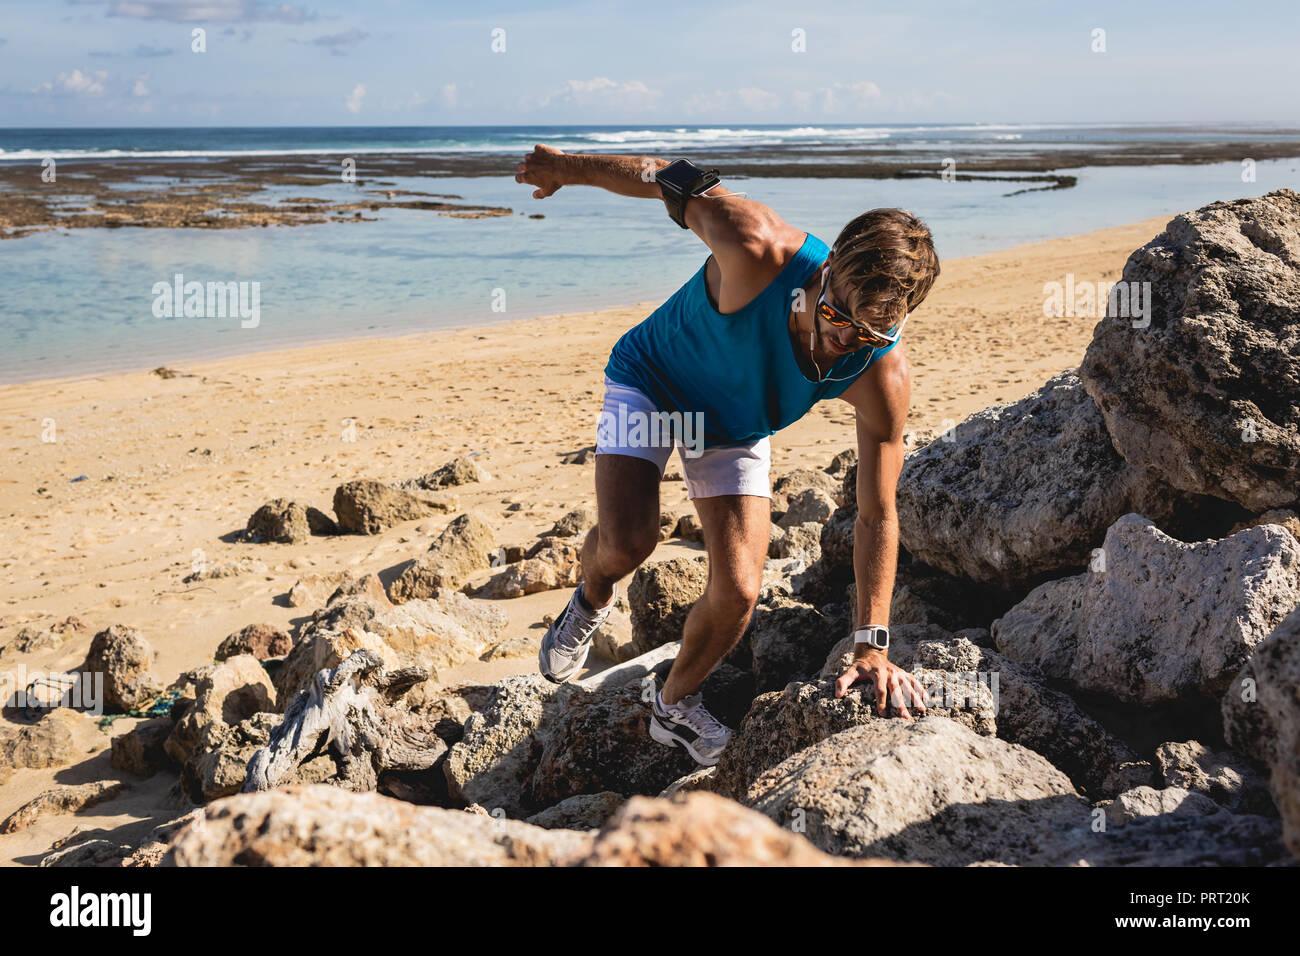 Deportista la escalada en las rocas en la playa de Bali, Indonesia Imagen De Stock